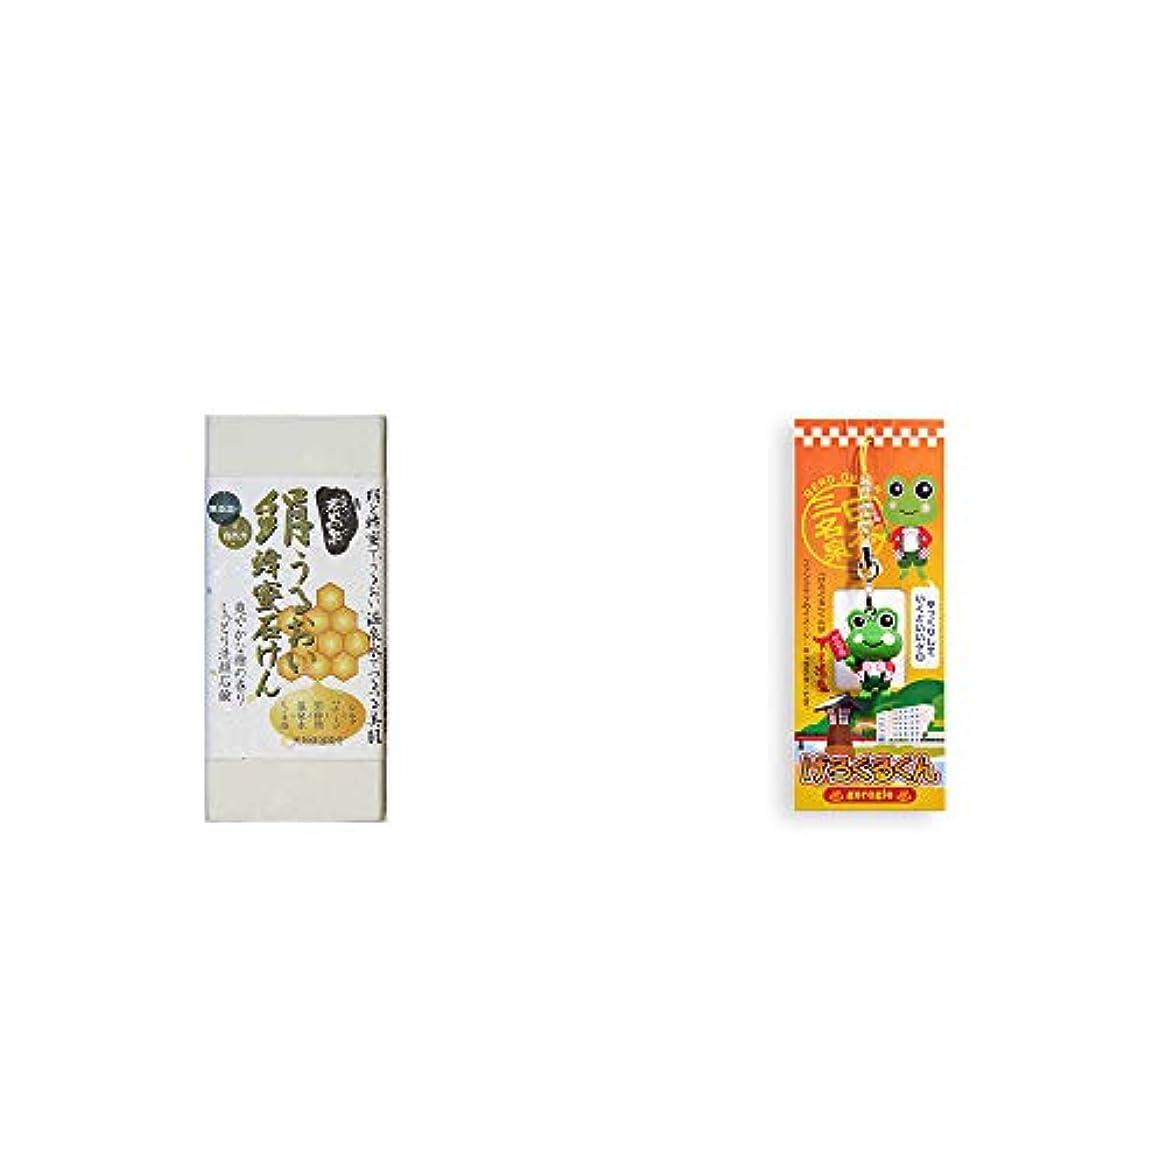 リファイン連帯ペスト[2点セット] ひのき炭黒泉 絹うるおい蜂蜜石けん(75g×2)?下呂温泉ファンクラブのイメージキャラクター げろぐるくんストラップ